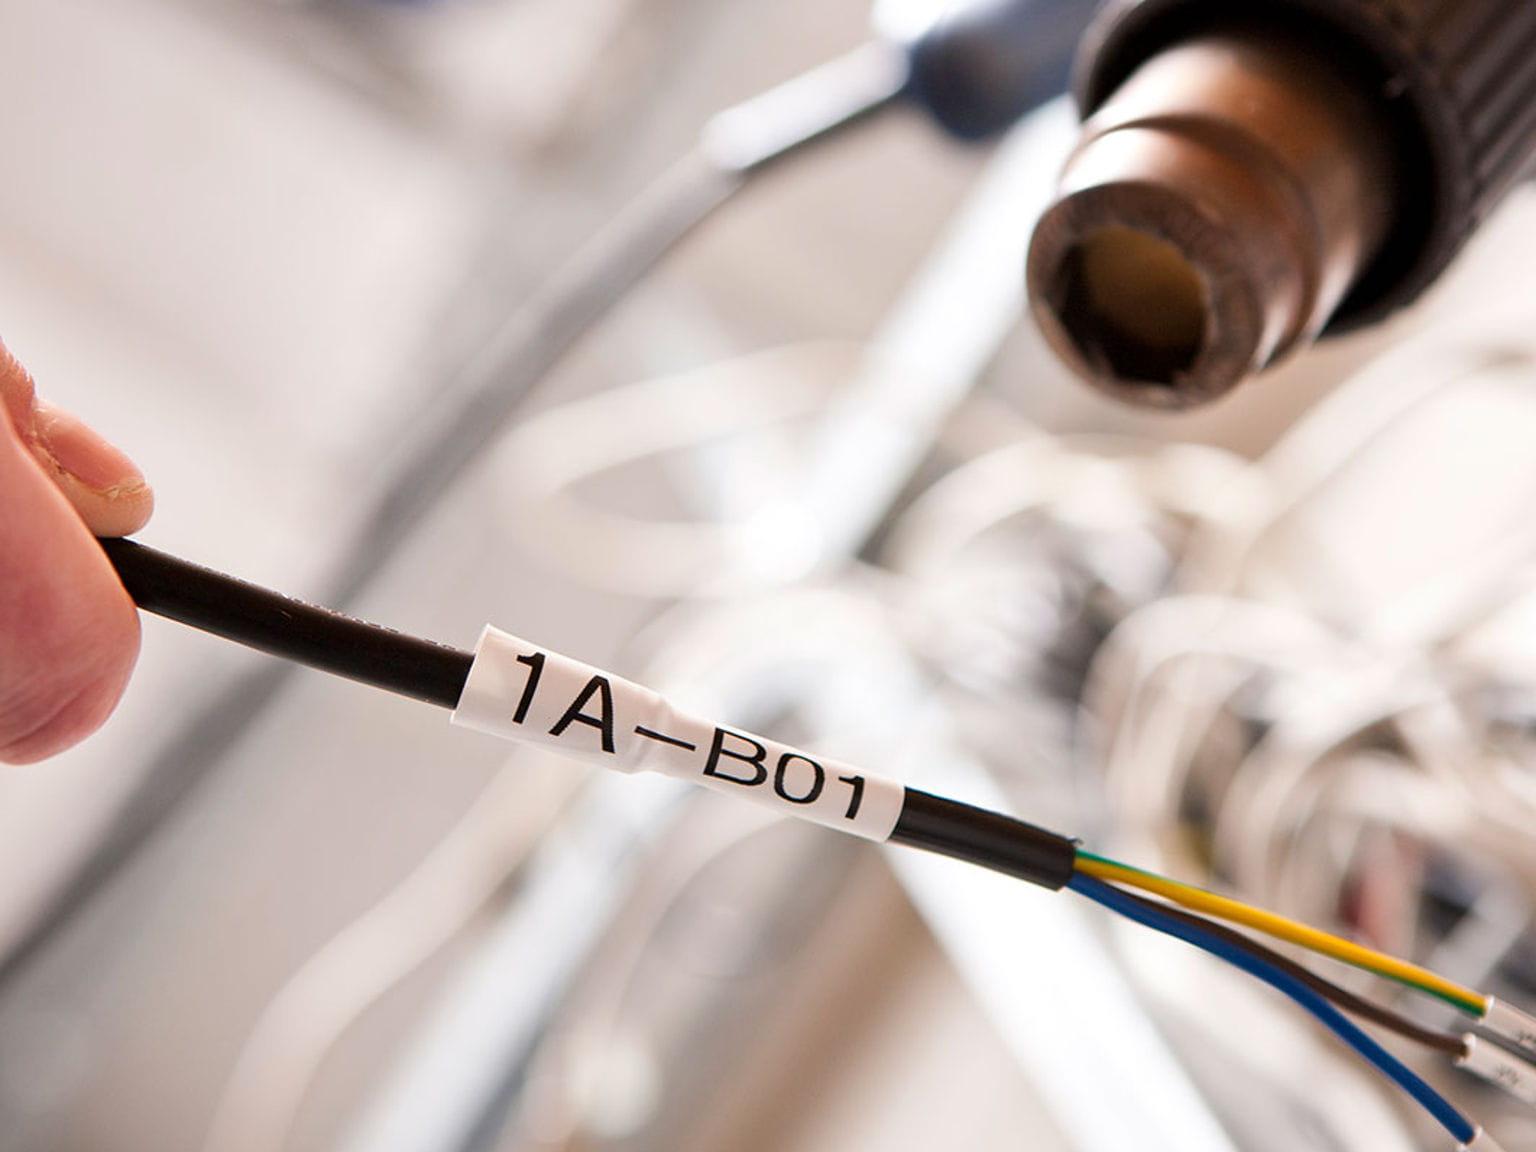 Cinta resistente a altas temperaturas Brother en cable